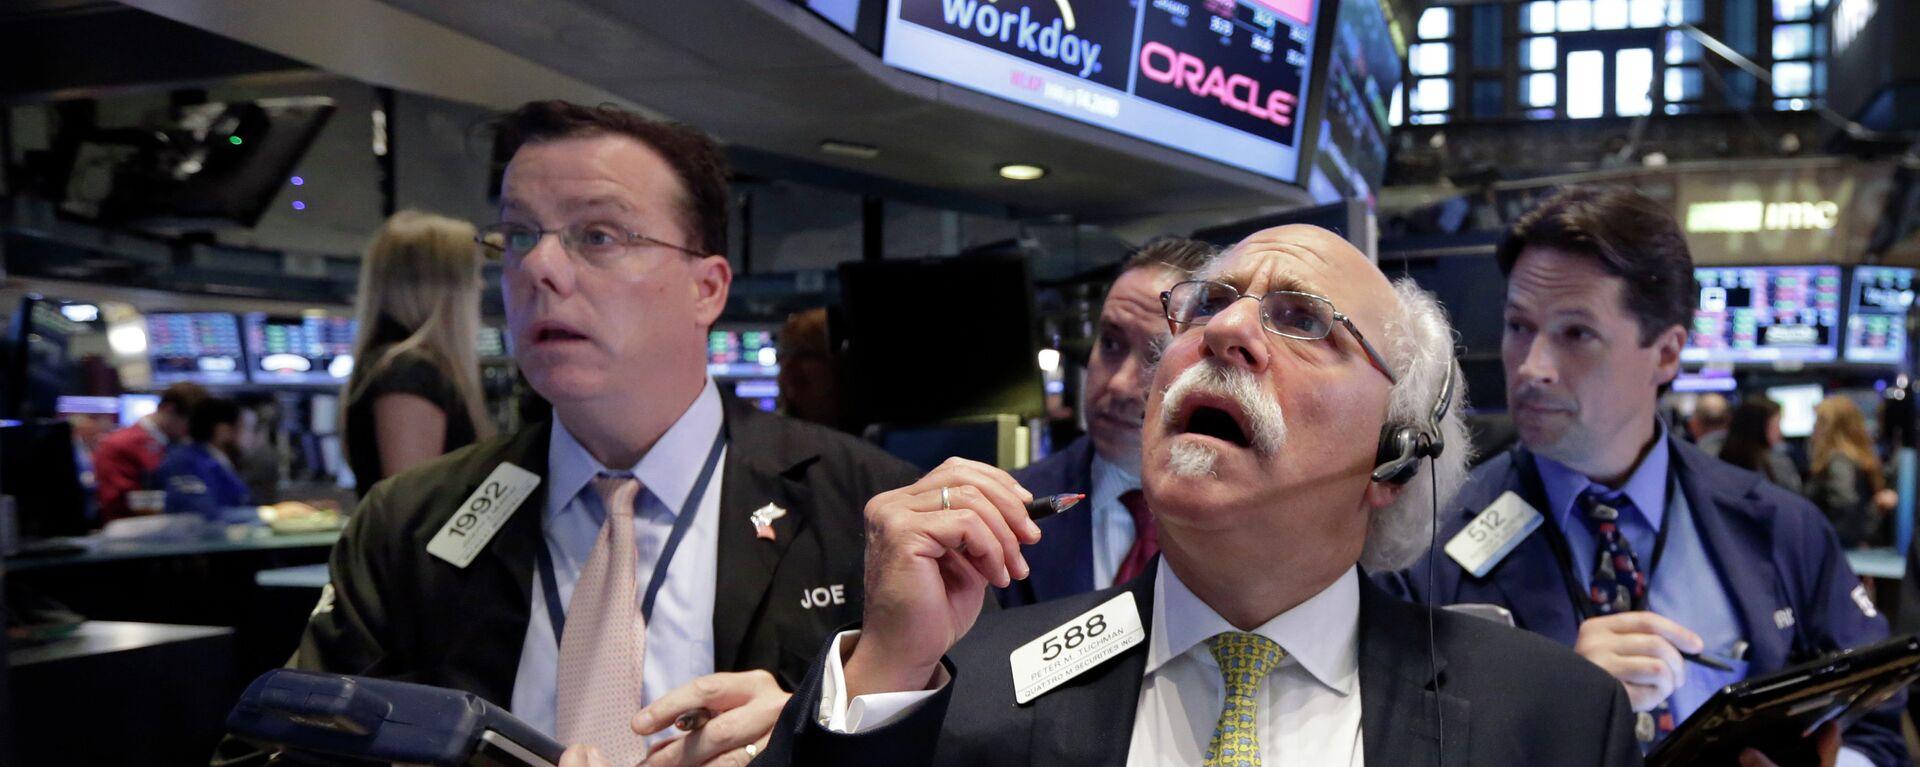 Corredor de la Bolsa de Nueva York Peter Tuchman - Sputnik Mundo, 1920, 19.07.2021